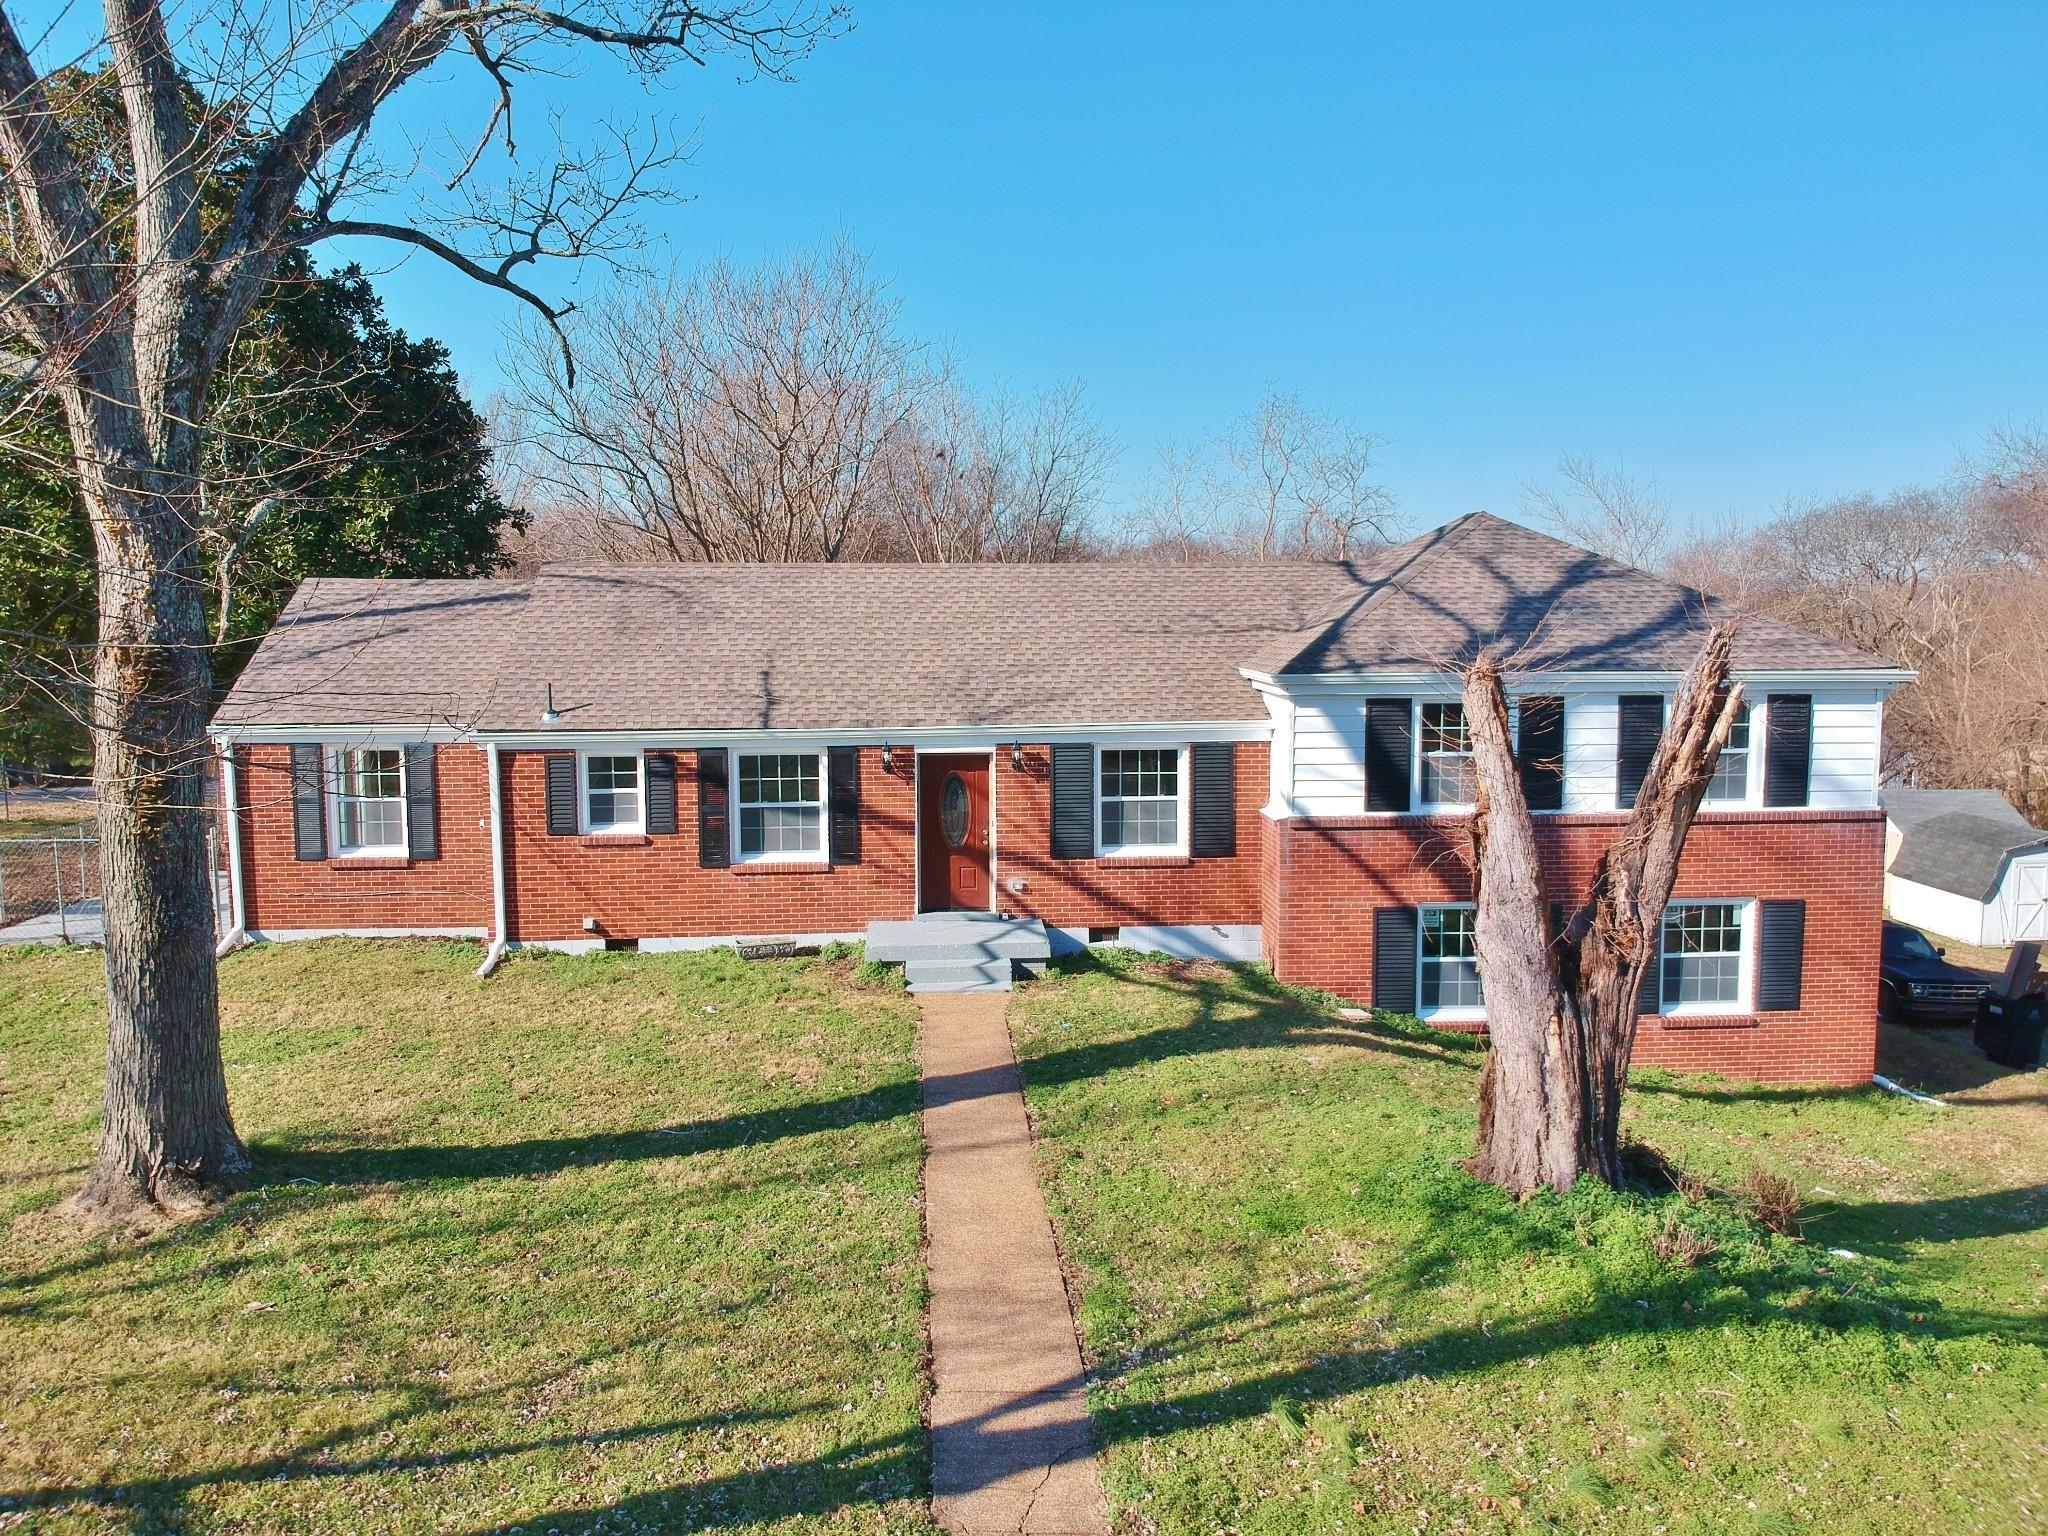 412 Dennywood Dr Property Photo - Nashville, TN real estate listing